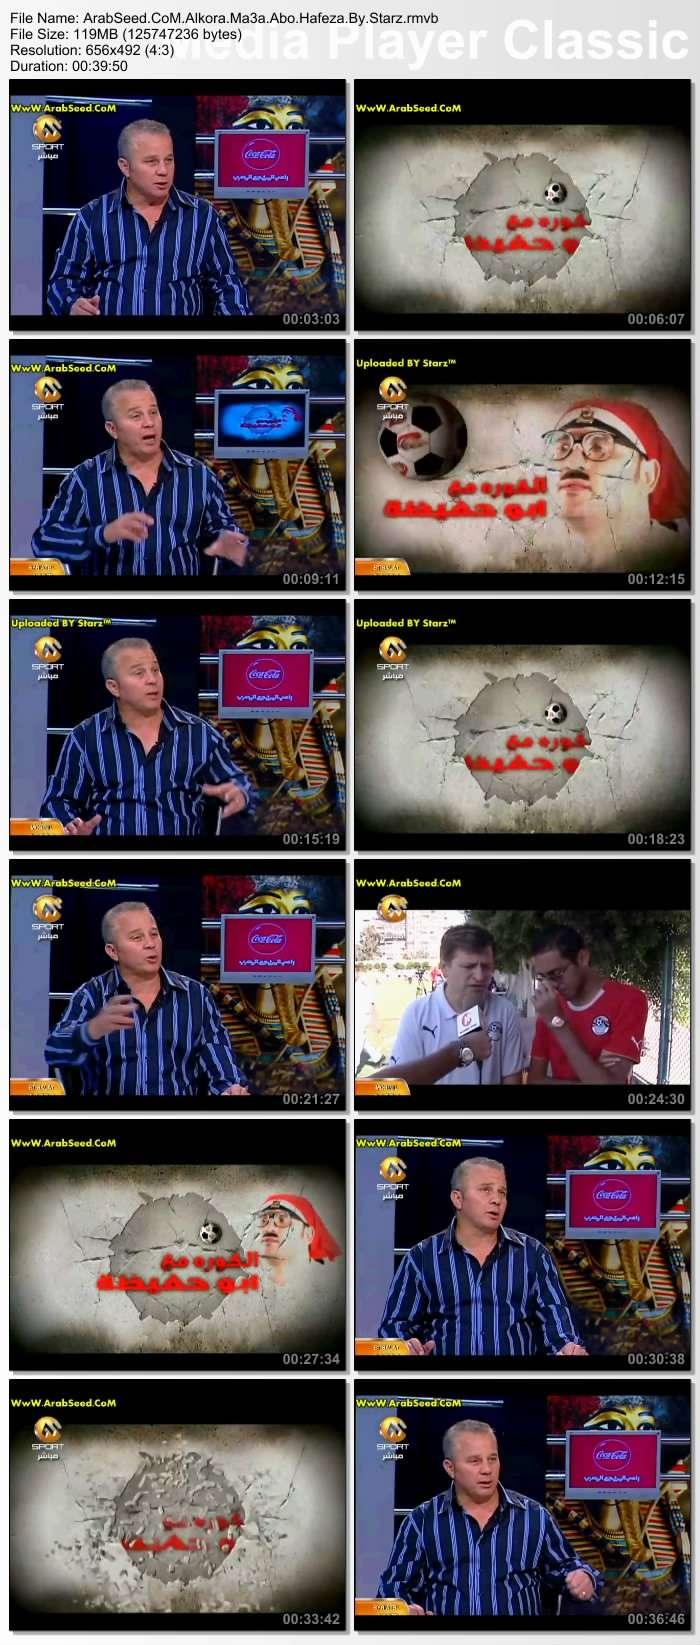 Oo5o.com (5) جميع حلقات برنامج الكورة مع سيد ابو حفيظة من الاولي الى الاخيرة Thumbs52